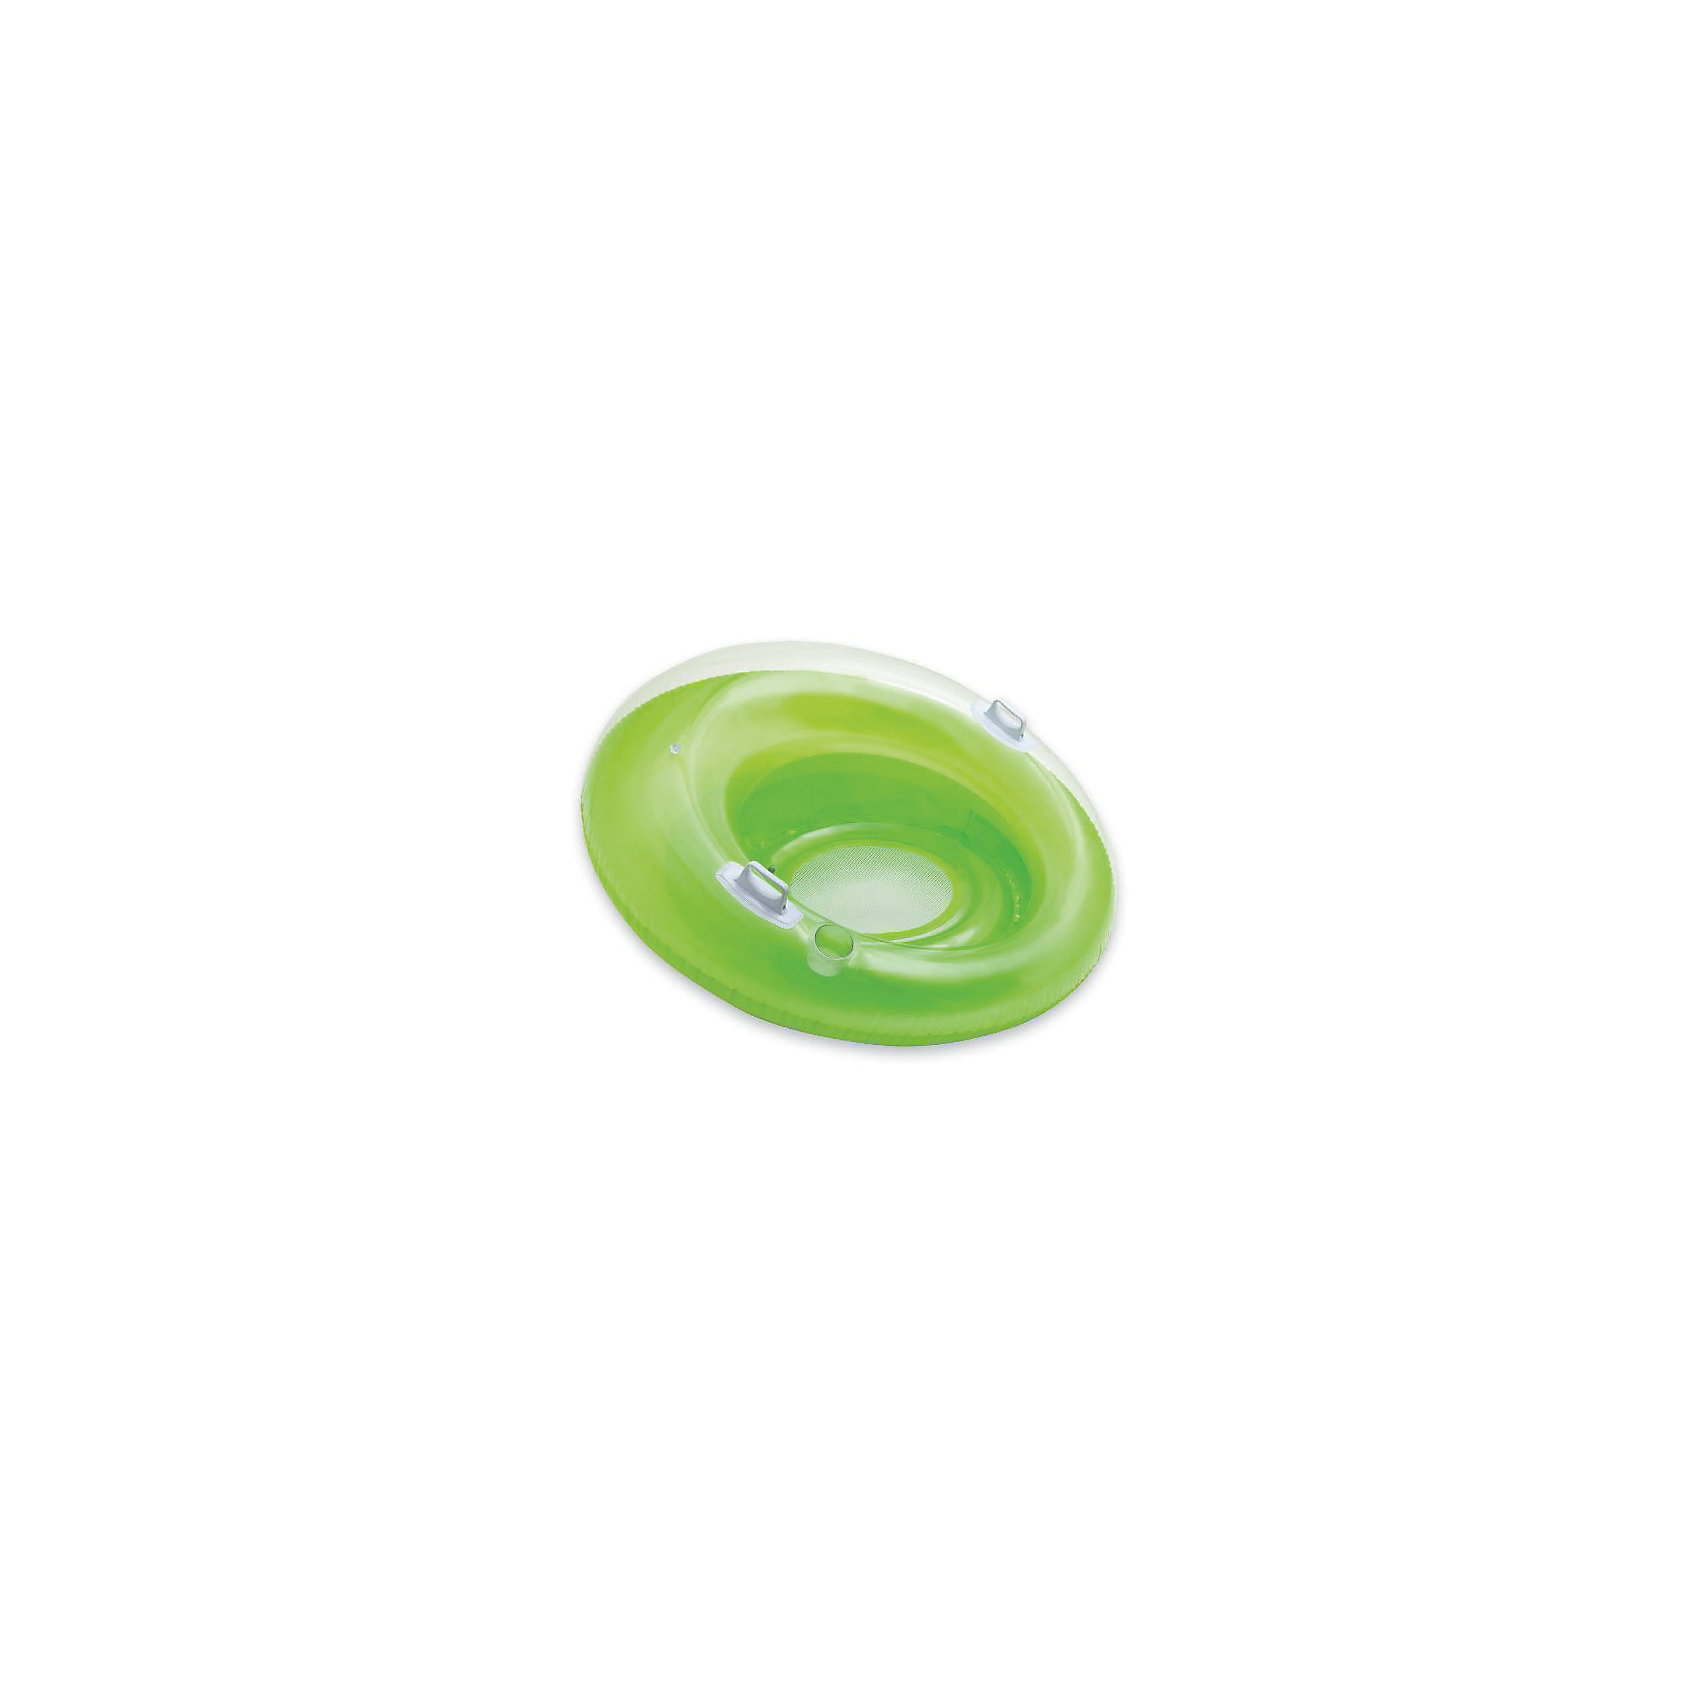 Надувной круг с дном Садись и отдыхай (зеленый), IntexНадувной круг с дном Садись и отдыхай, Intex (Интекс) – этот яркий большой надувной круг отлично подойдет для активного отдыха на воде. Большой надувной круг с удобными пластиковыми ручками и углублением для стакана будет большой радостью детям и взрослым летом на водоеме. Этот яркий надувной круг будет издалека виден в воде. У круга две воздушные камеры, дно - сетчатое. Гладкий внутренний шов не будет натирать кожу. В нем можно комфортно расположиться, не боясь выпасть. В сложенном состоянии круг, имеет небольшие размеры, что позволяет брать его с собой в любое путешествие. Круг изготовлен из особо прочного винила. Отдых на воде с большим надувным кругом от Intex (Интекс) подарит настоящий комфорт и море удовольствия!  Дополнительная информация:  - Диаметр: 119 см. - Внутренний диаметр: 50 см. - Расцветка в ассортименте - Материал: ПВХ (винил) толщина 0,3 мм. - Размер упаковки: 23х20х8 см. - Вес: 1,4 кг. Надувной круг с дном Садись и отдыхай, Intex (Интекс) можно купить в нашем интернет-магазине.<br><br>Ширина мм: 258<br>Глубина мм: 231<br>Высота мм: 104<br>Вес г: 1367<br>Возраст от месяцев: 96<br>Возраст до месяцев: 1164<br>Пол: Унисекс<br>Возраст: Детский<br>SKU: 4801497